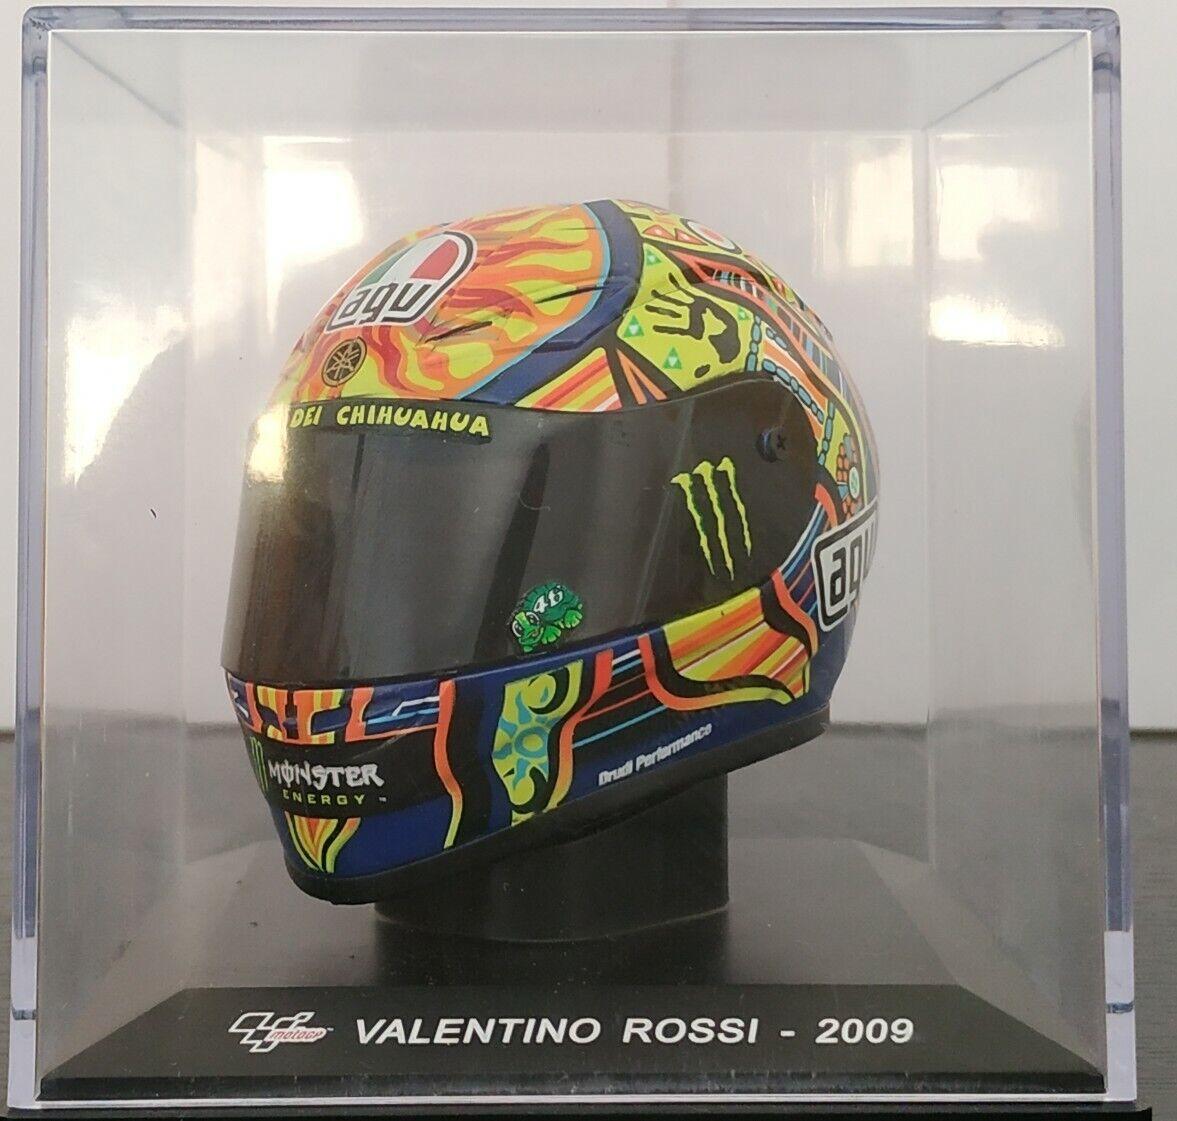 1 5 helmet valentino rossi  2009 helmet ixo altaya scale  pas cher en ligne